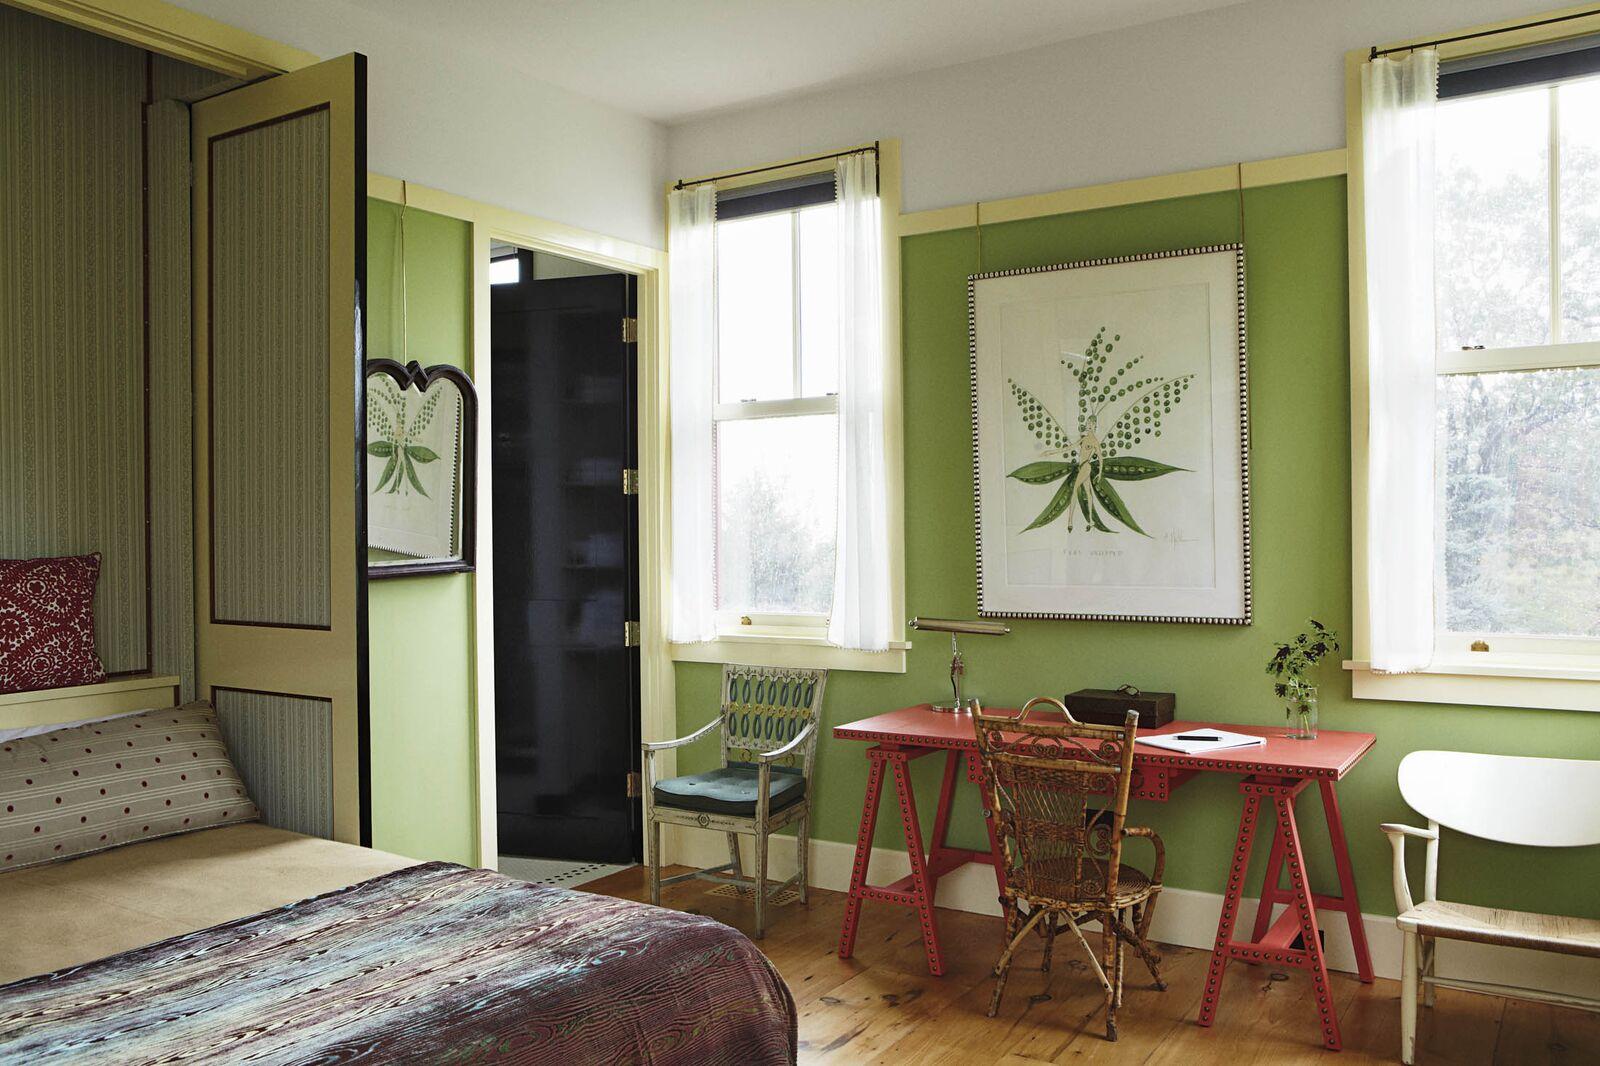 Bette Midler's guest room